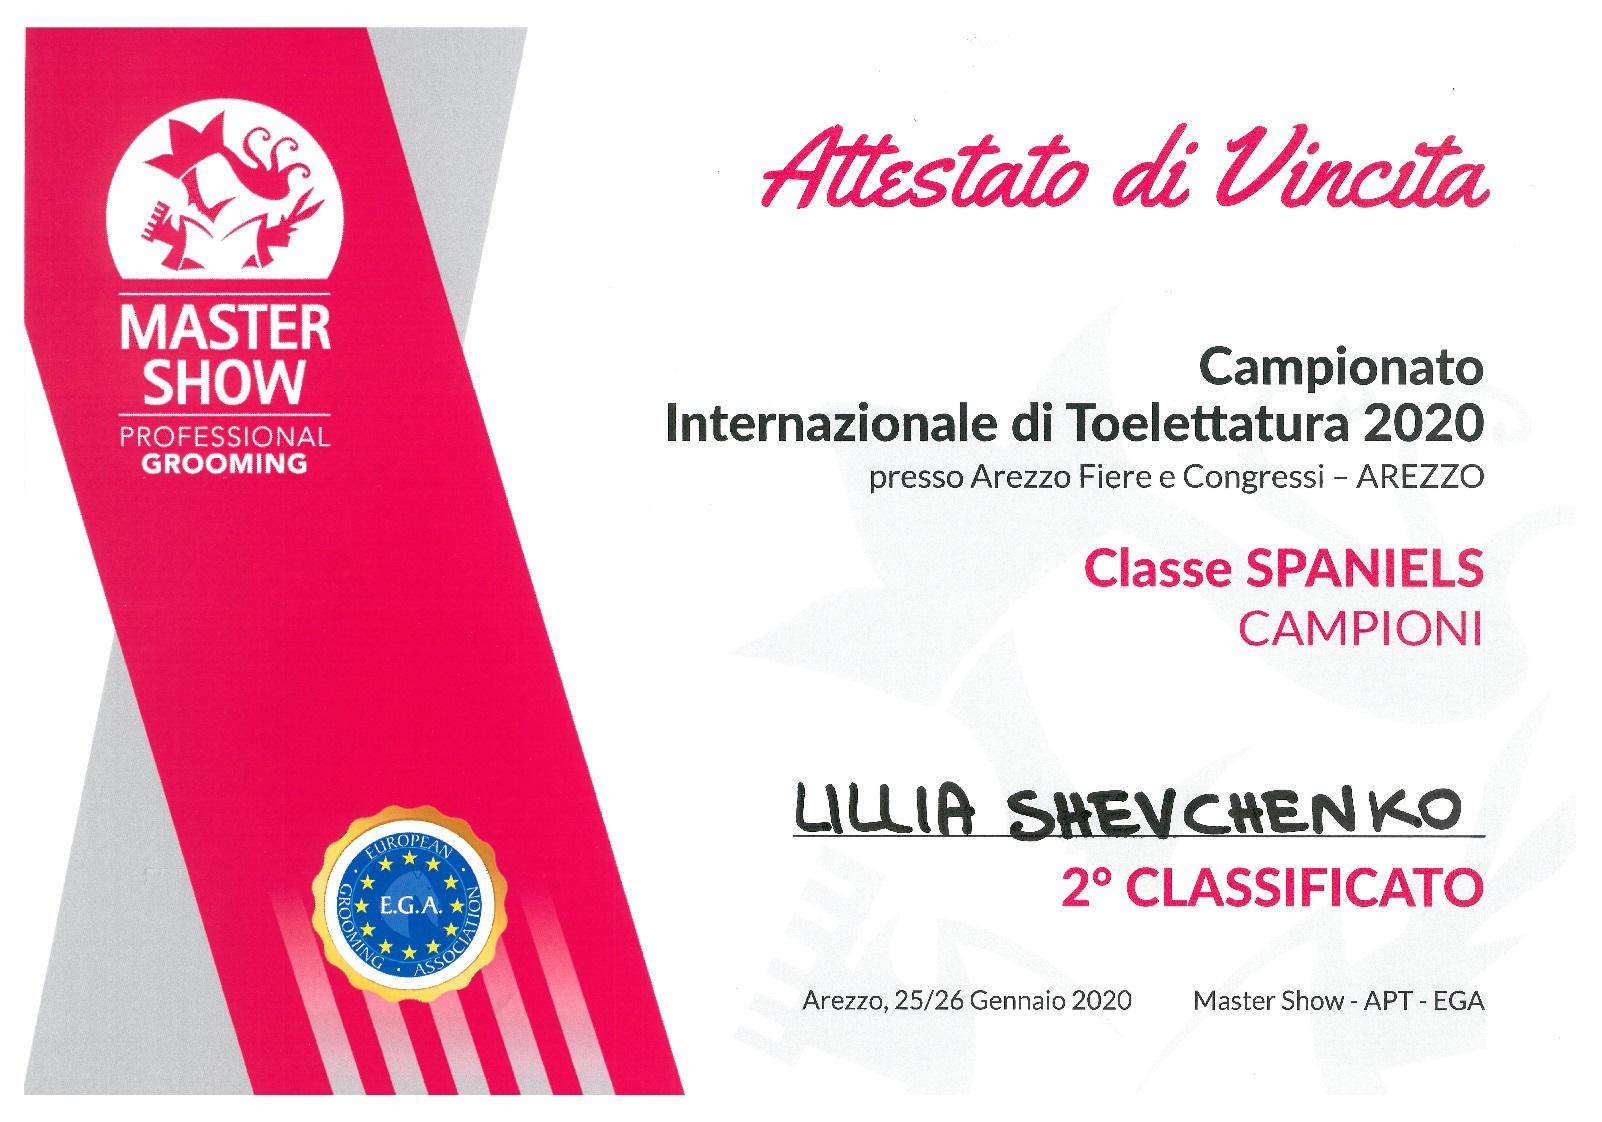 Największy dotychczasowy sukces Lilii - 2 Miejsce na podium w Klasie Championów na Konkursie Master Show 2020 we Włoszech